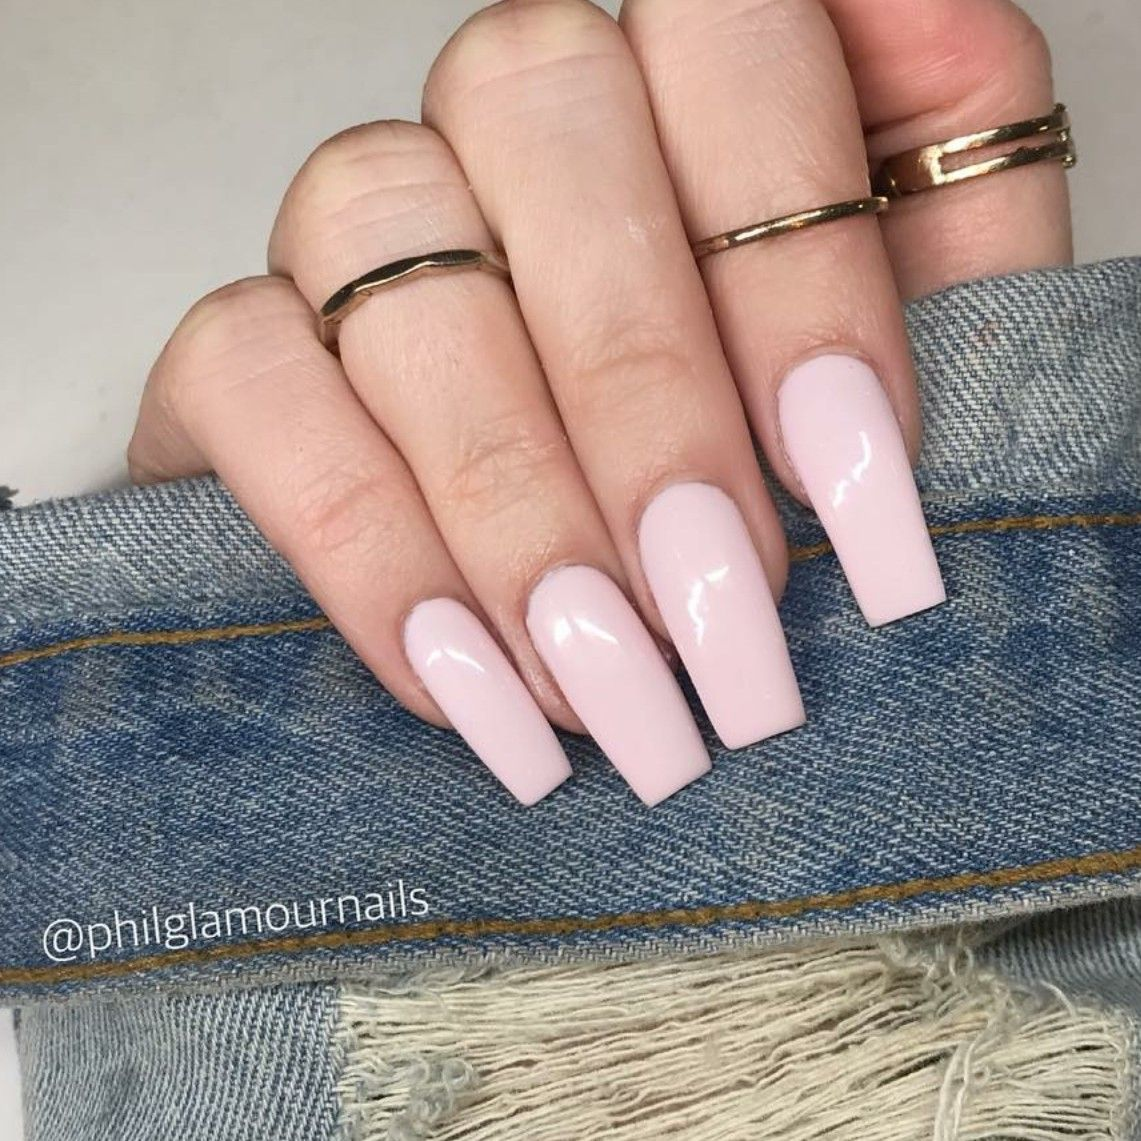 Long Square Nails Pink Nails Acrylic Nails Spring Nails Long Square Acrylic Nails Long Square Nails Spring Acrylic Nails